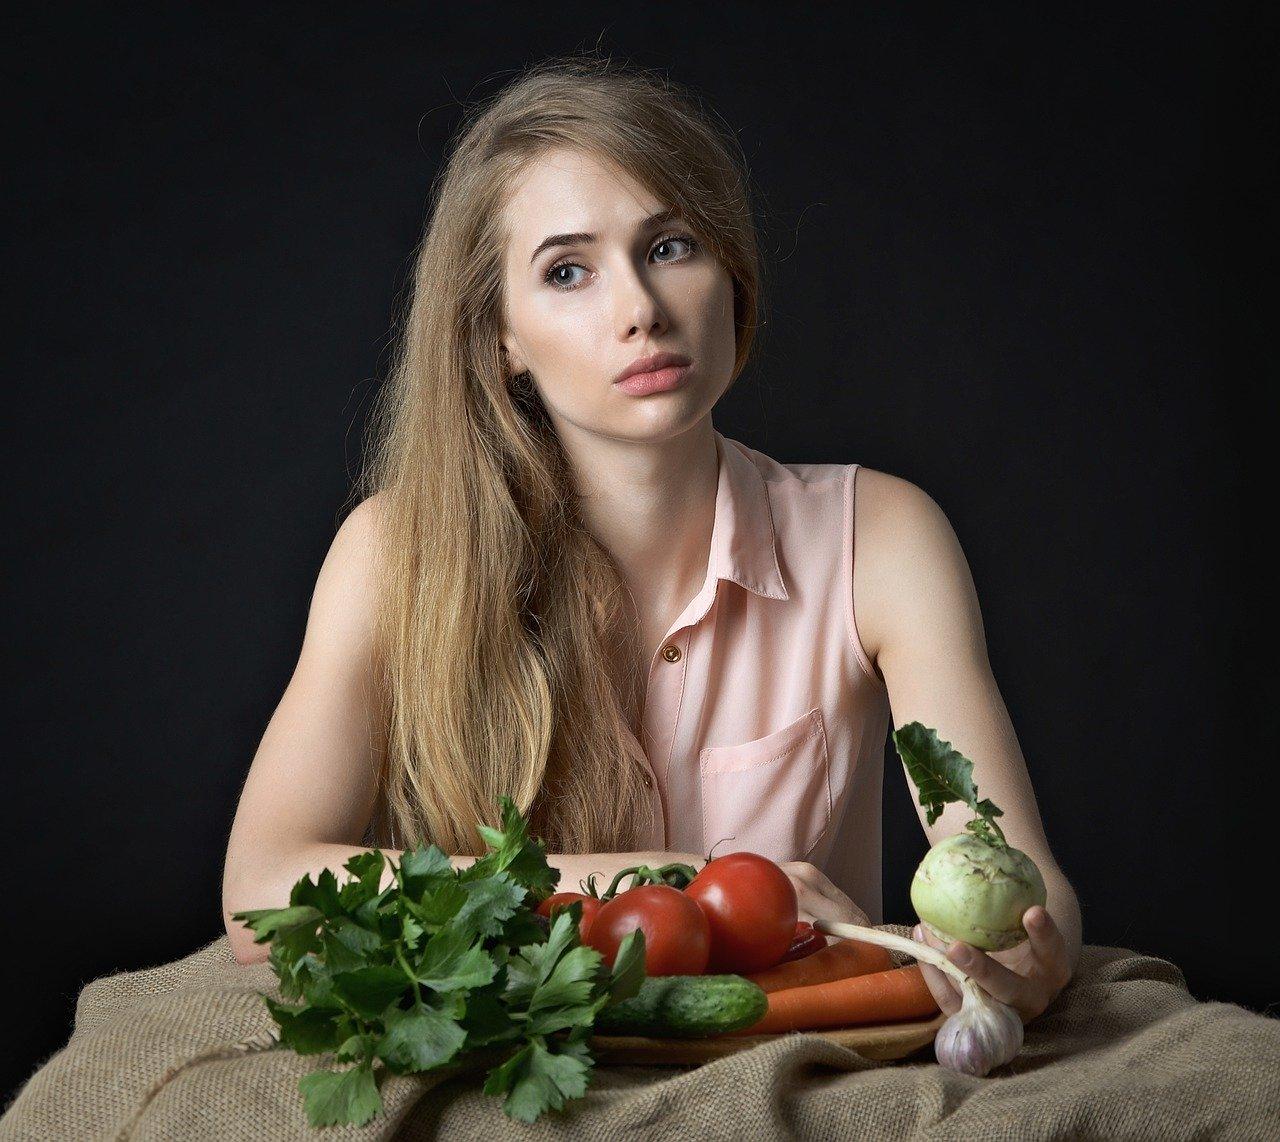 野菜ソムリエになって、野菜に詳しく